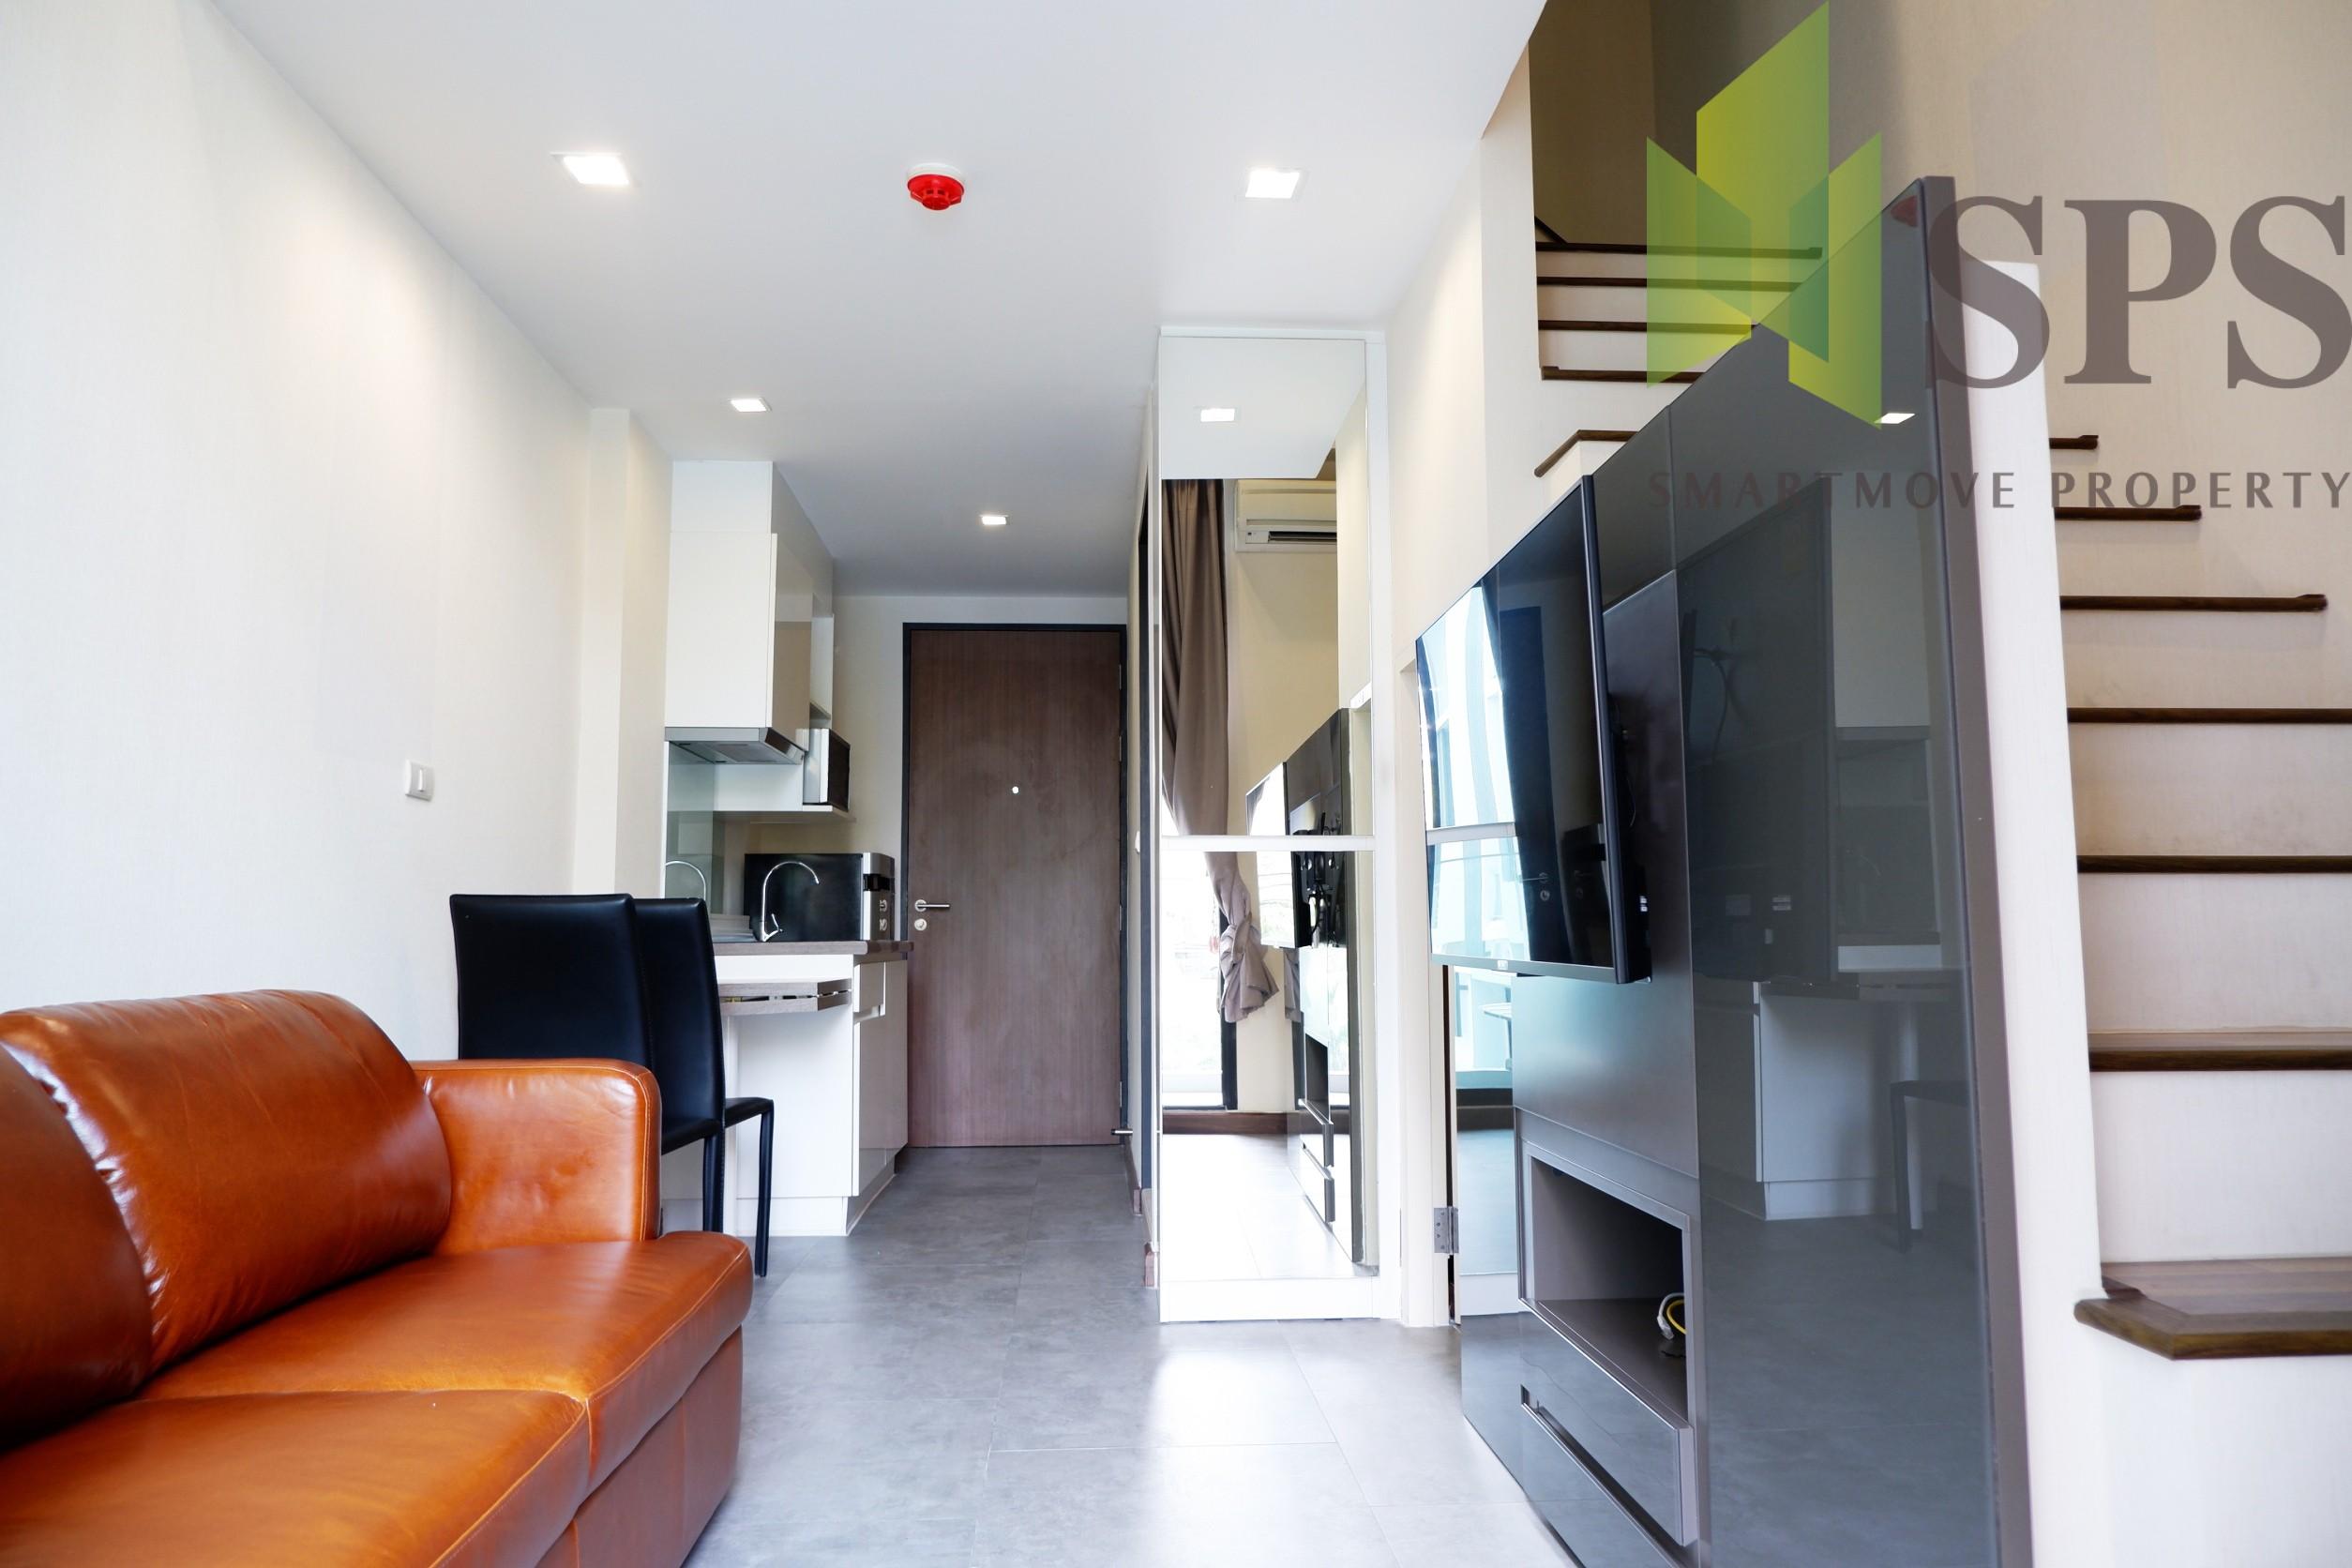 Beyond Sukhumvit Condominium (SPS-GC243)